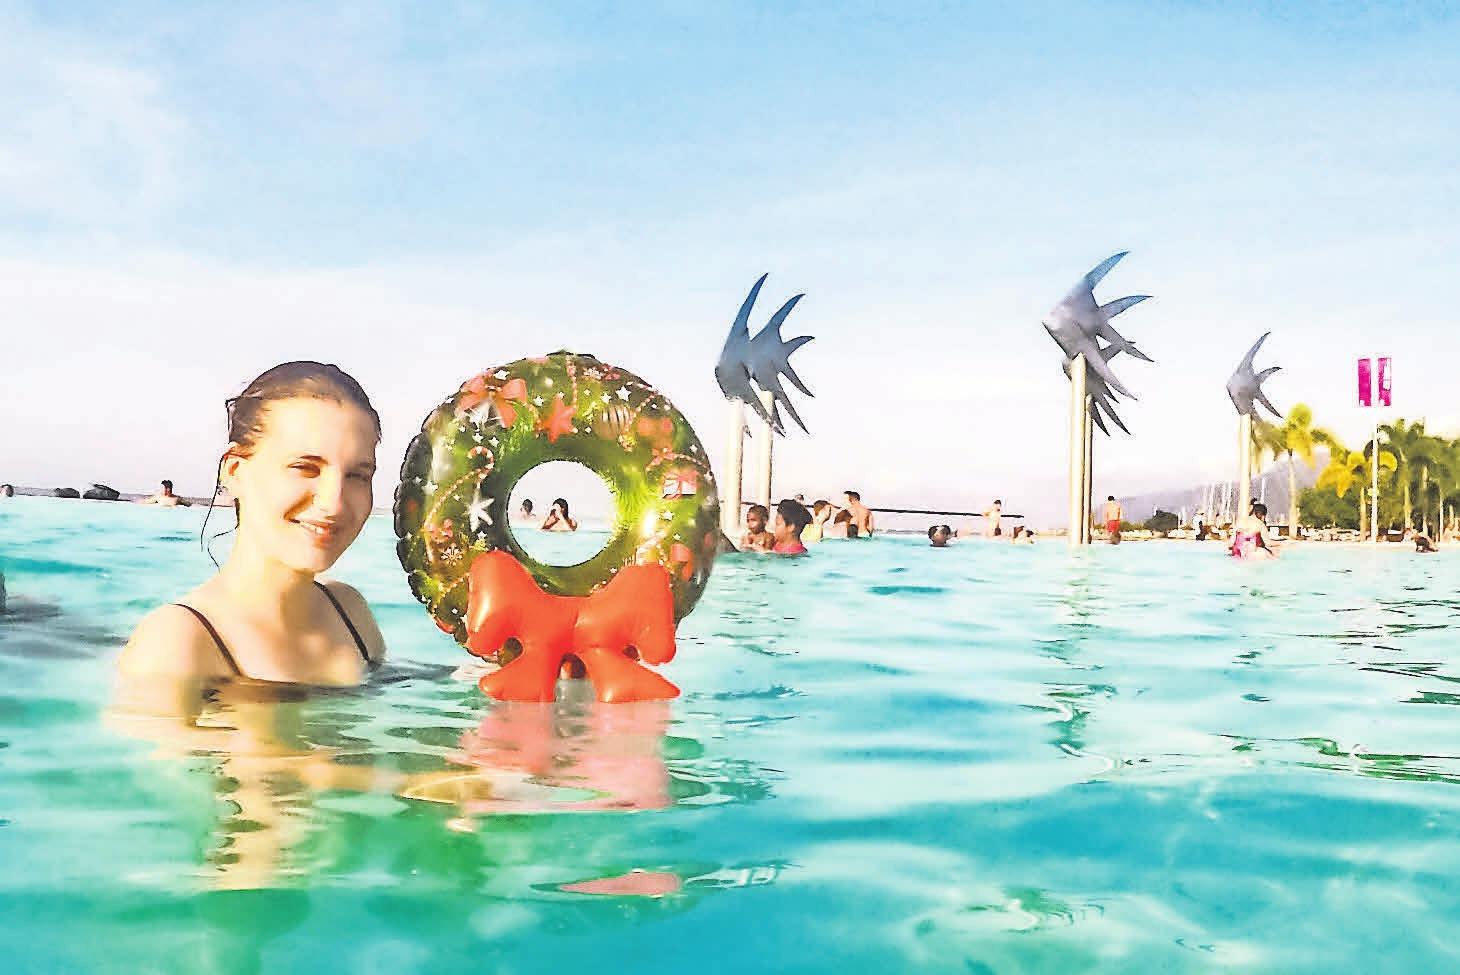 Sommerliche Grüße aus Cairns sendet Jule. Das ist unsere Gewinnerin.